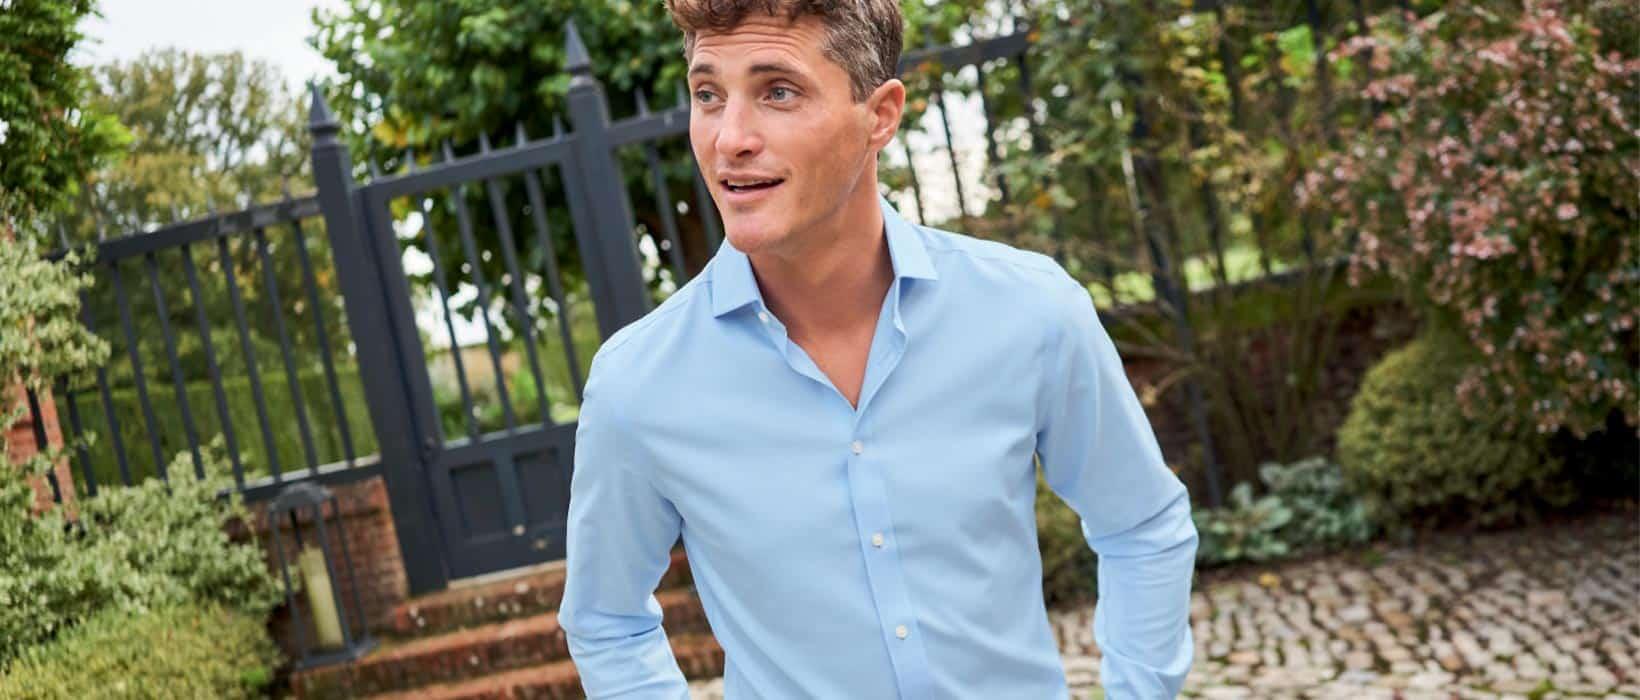 man in a tyrwhitt cool shirt